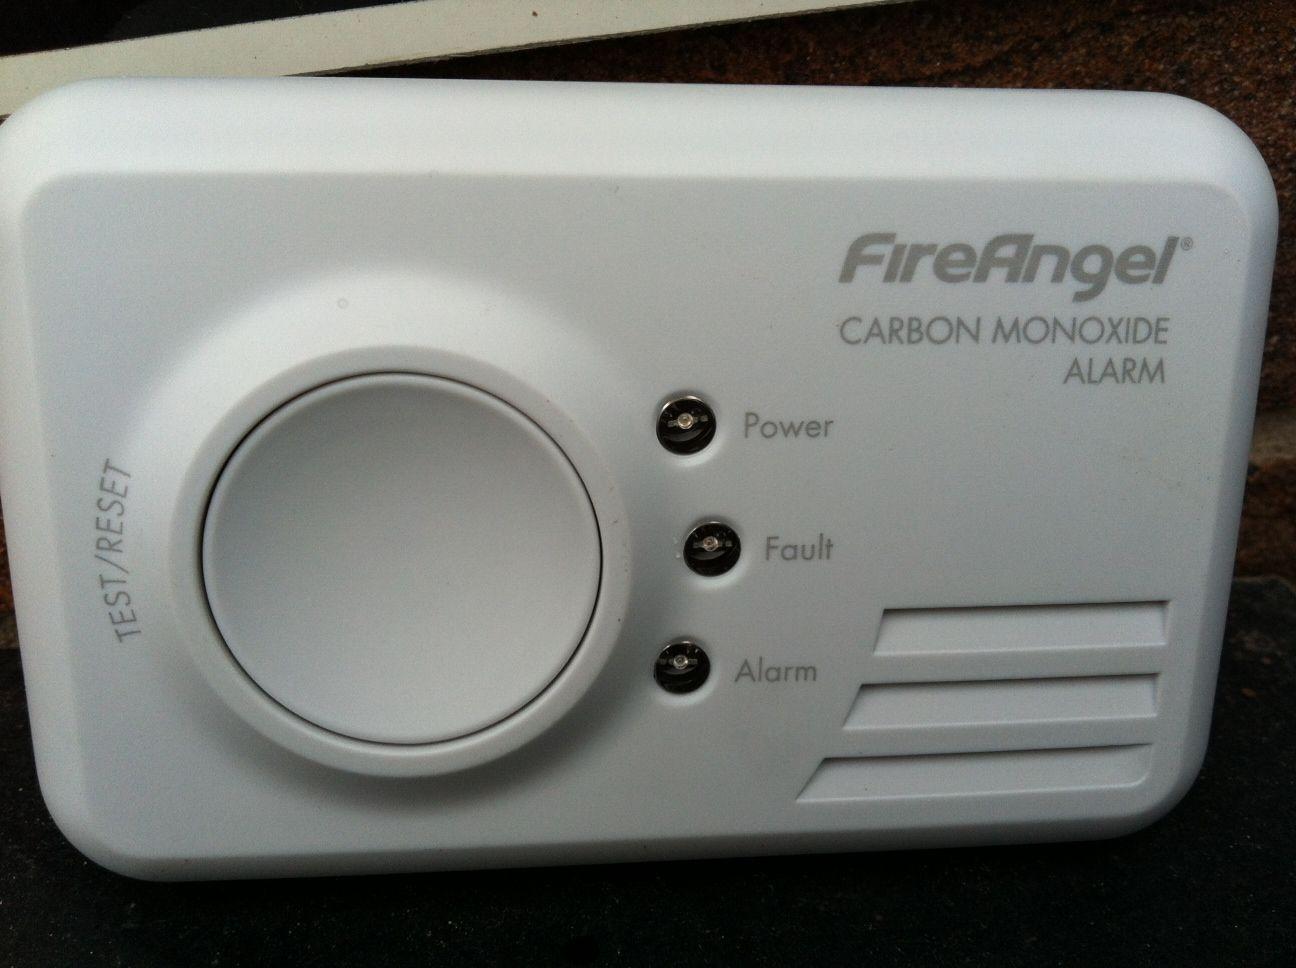 597fbbd47a4d9CArbon_monoxide_image.jpg